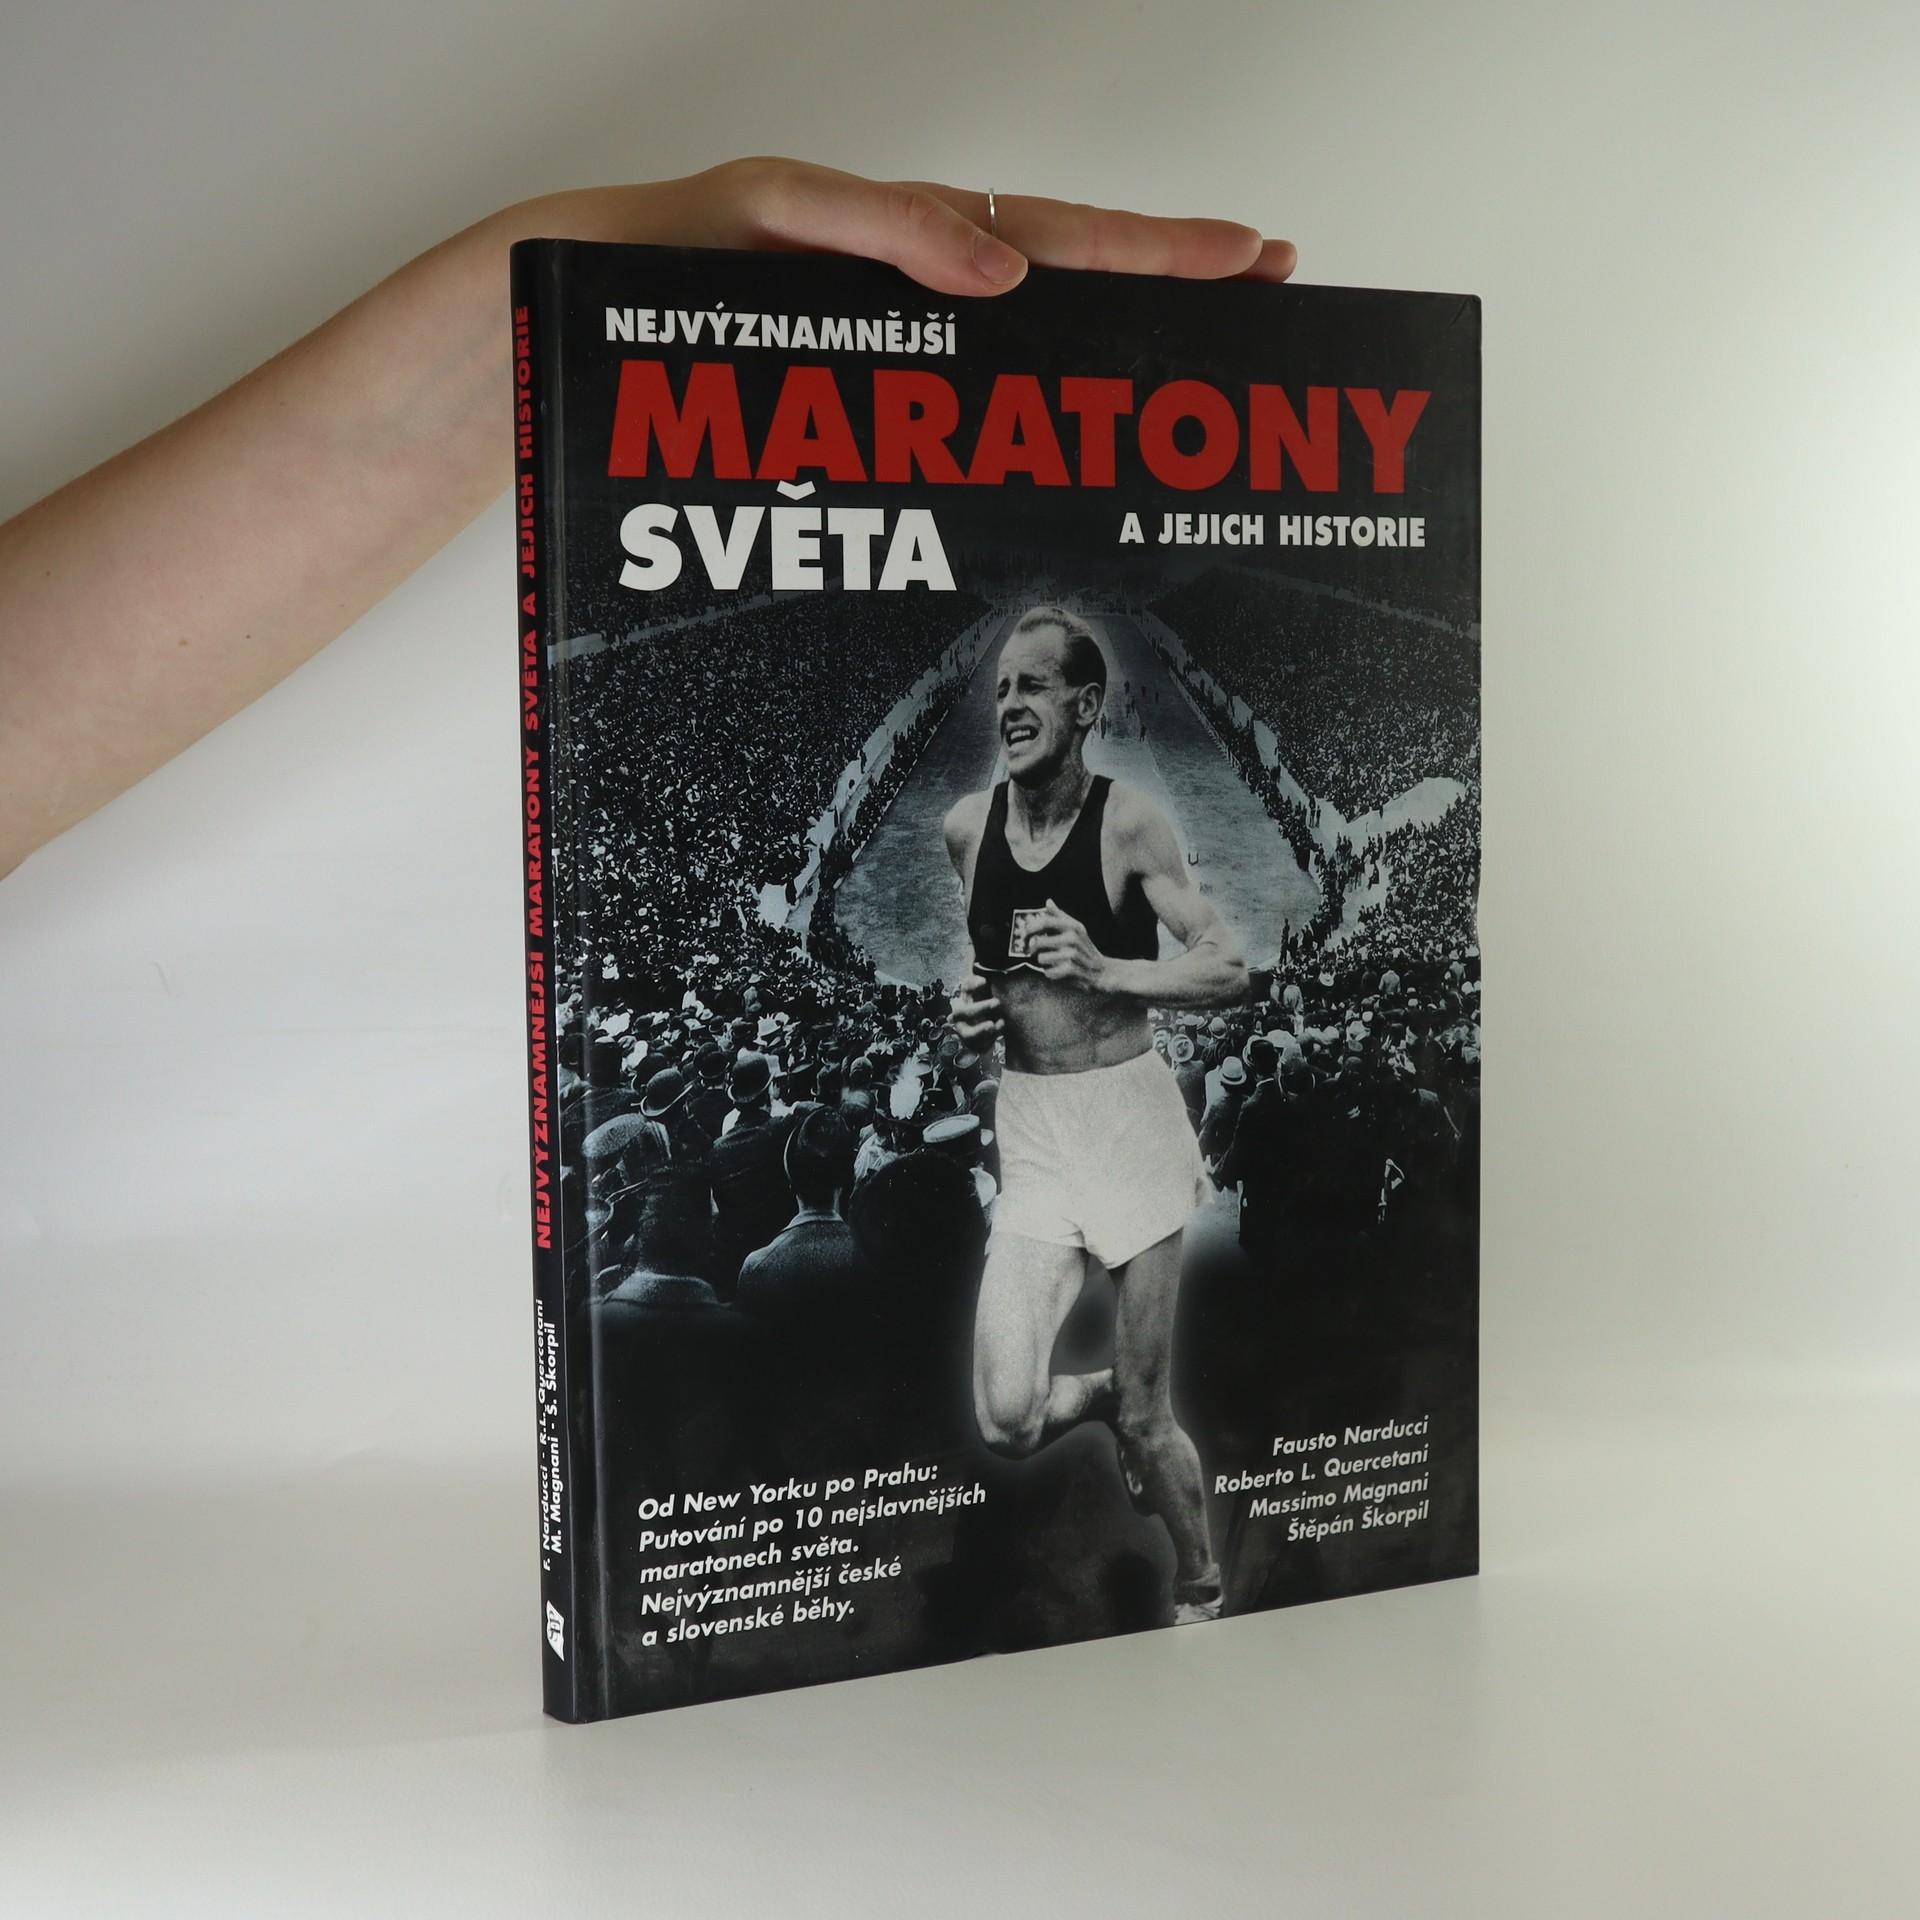 antikvární kniha Nejvýznamnější maratony světa a jejich historie, neuveden